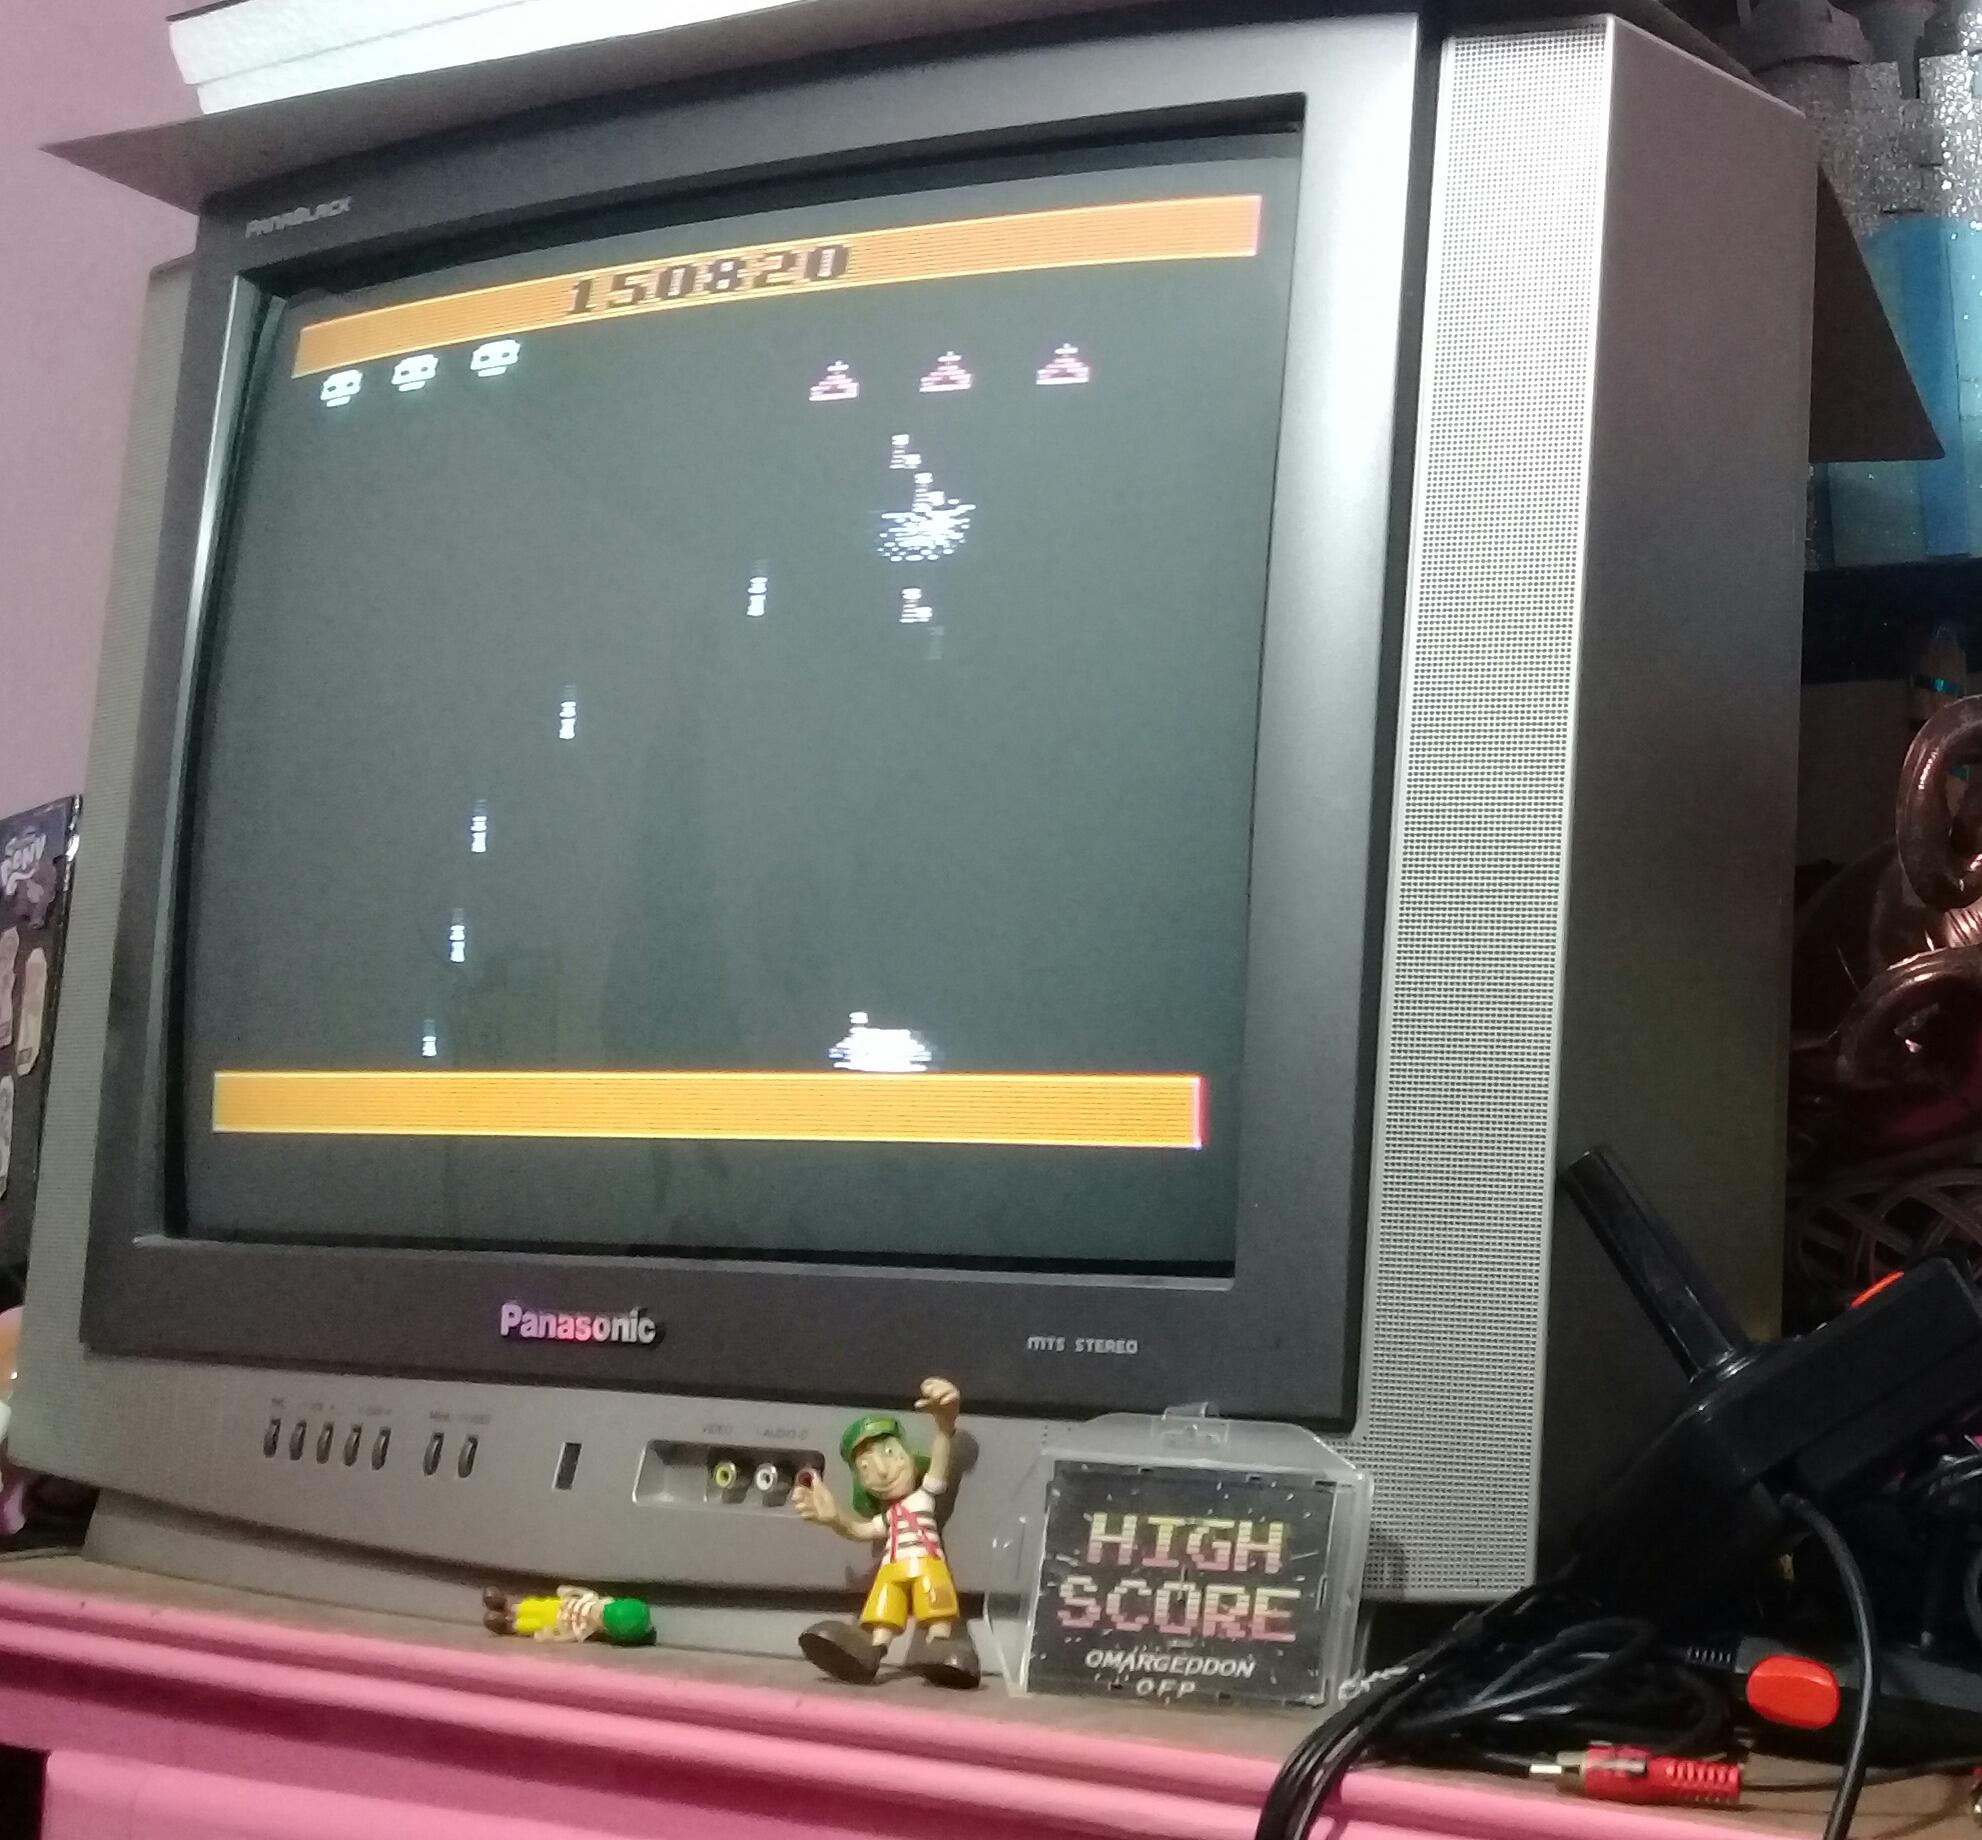 omargeddon: Spider Fighter (Atari 2600 Novice/B) 150,820 points on 2019-06-06 09:54:55